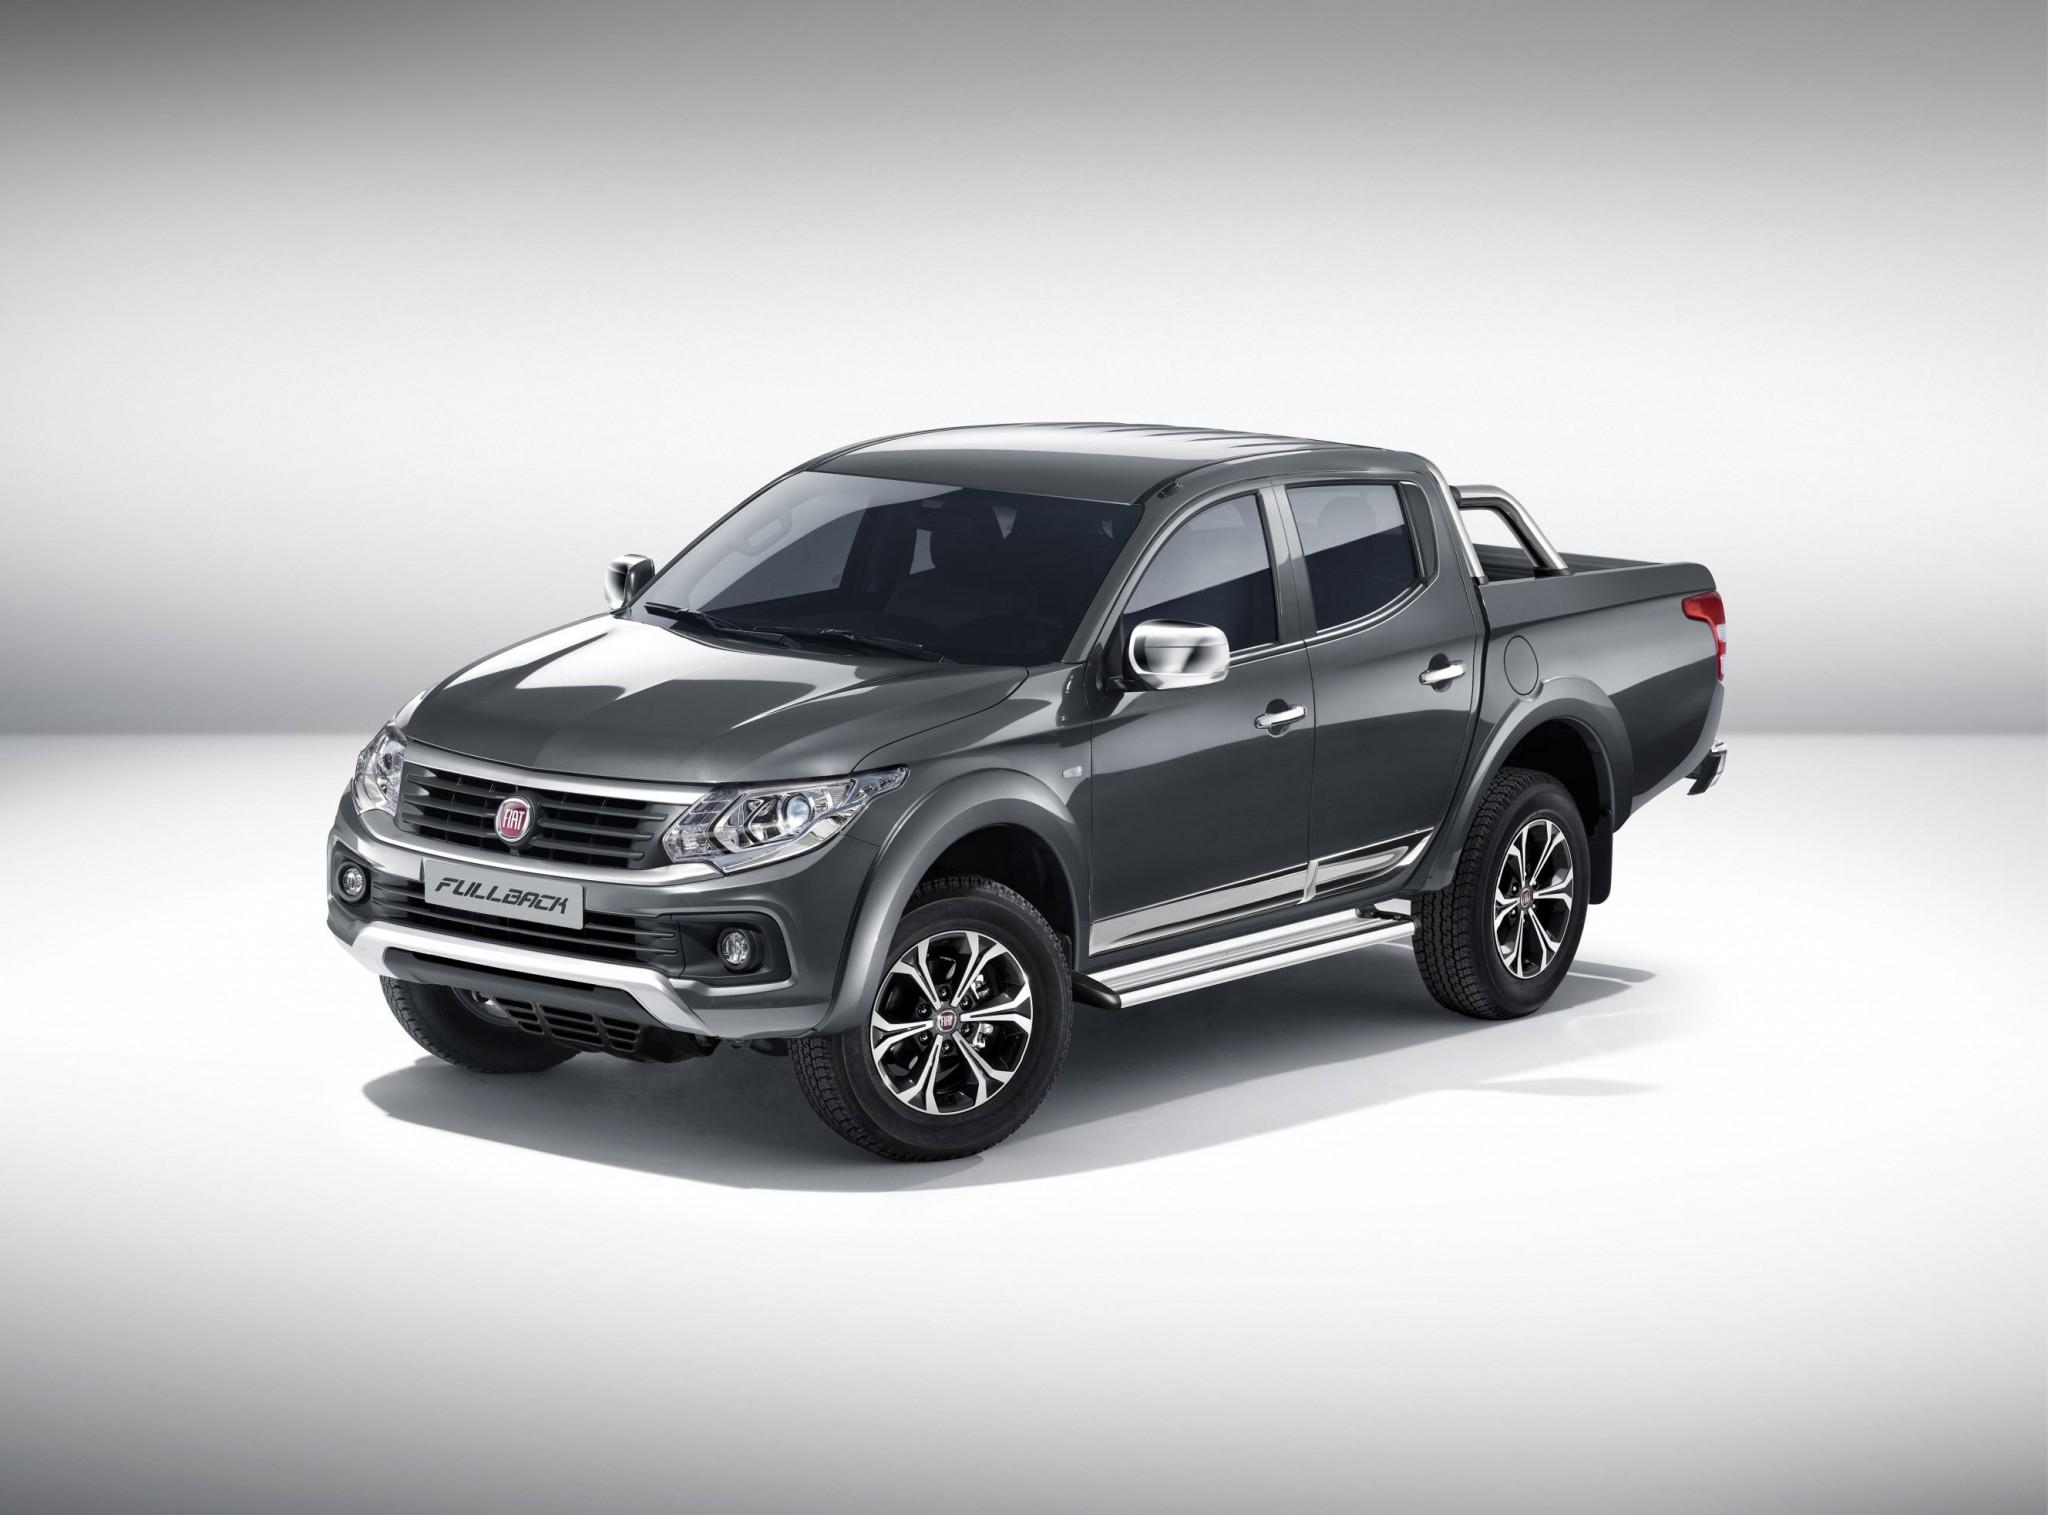 Mitsubishi Triton-based Fiat Fullback ute revealed